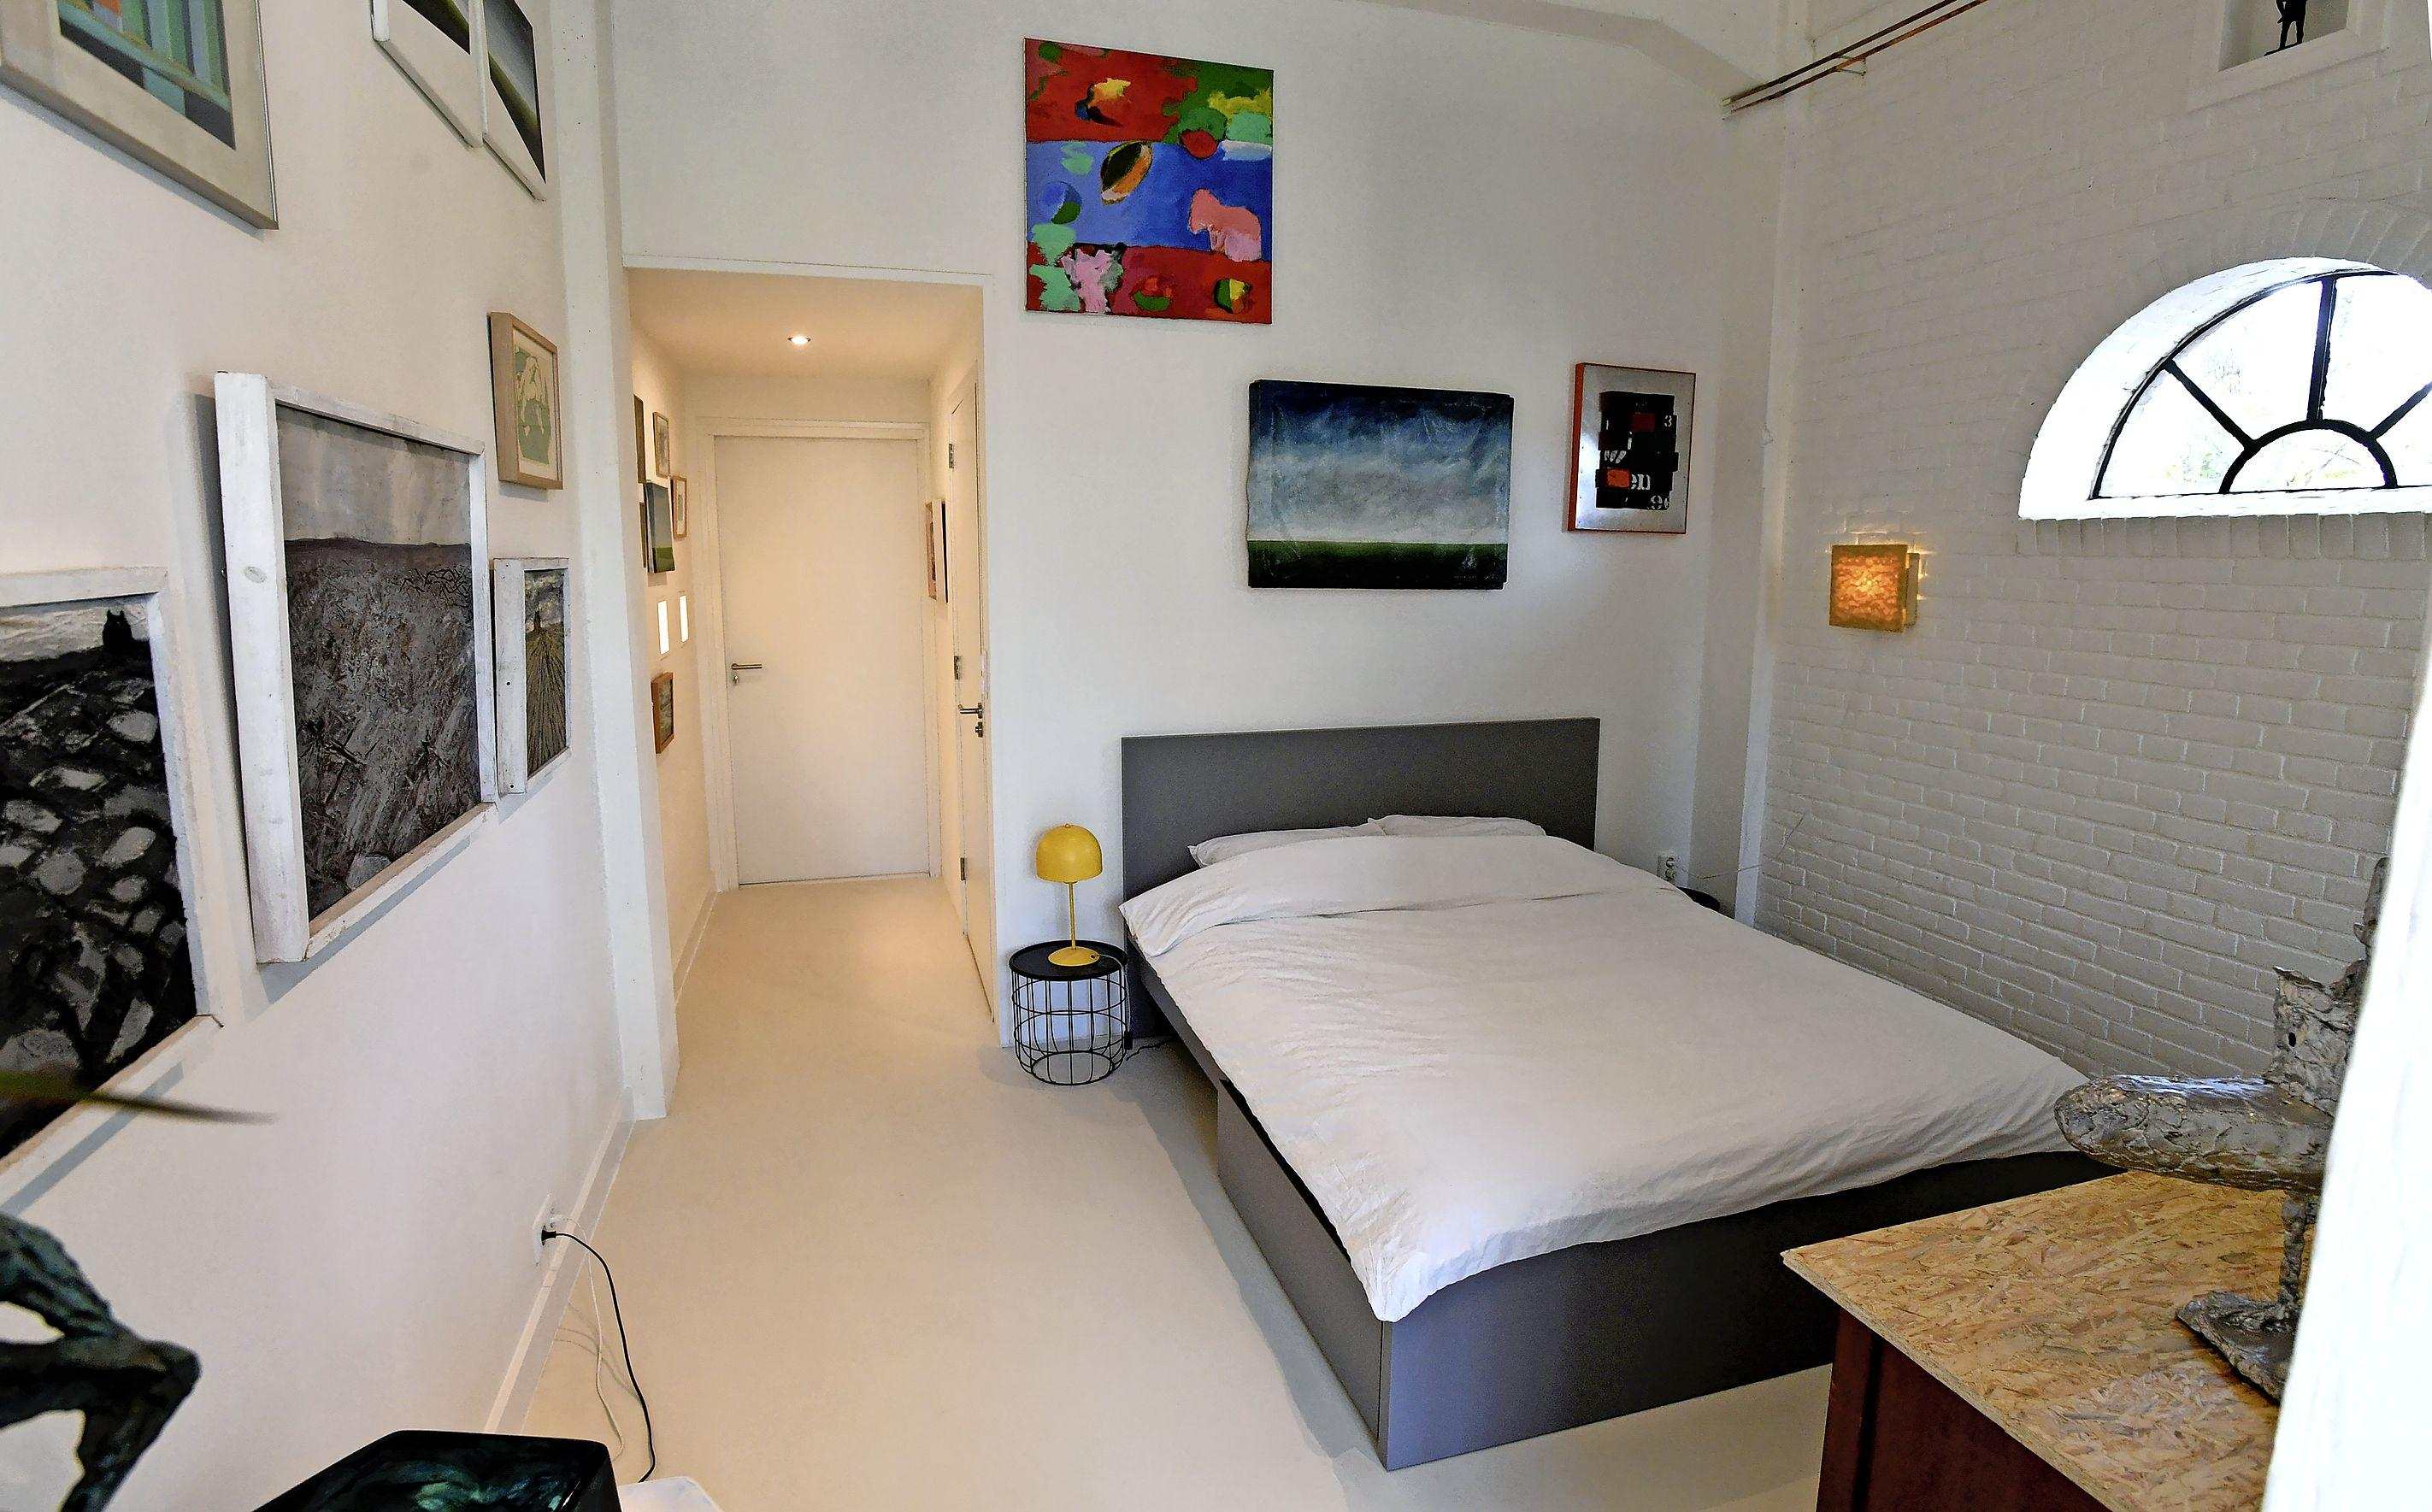 Het is net als slapen in een museum, maar dan kleiner. In Den Oever openen Jan Blank en Ingrid Blank-Davids hun B&B, gevuld met kunst. 'Een ode aan mijn ouders'